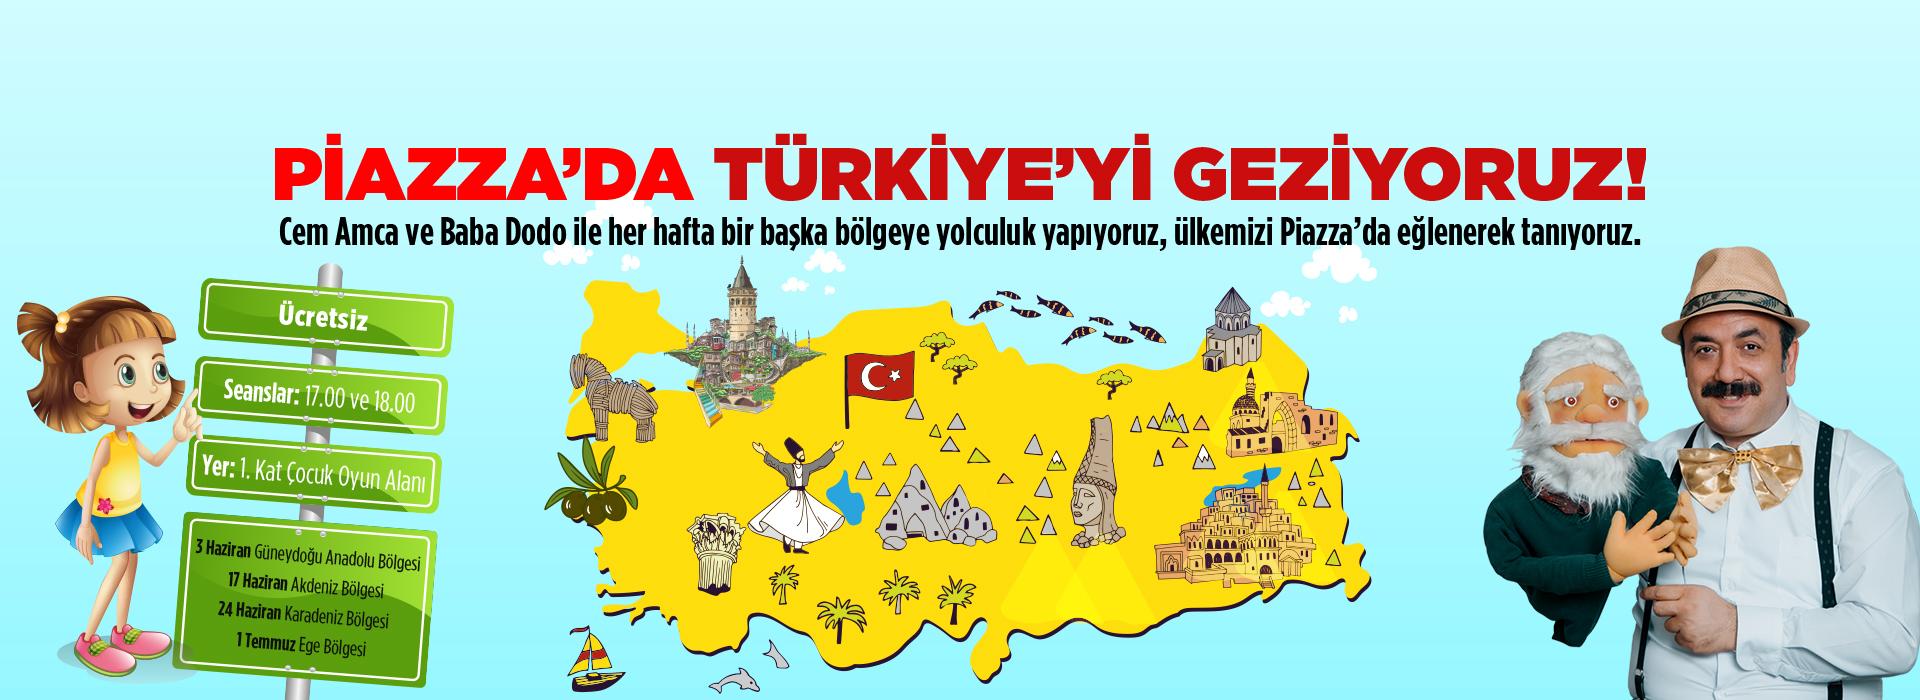 Piazza'da Türkiye'yi Geziyoruz!